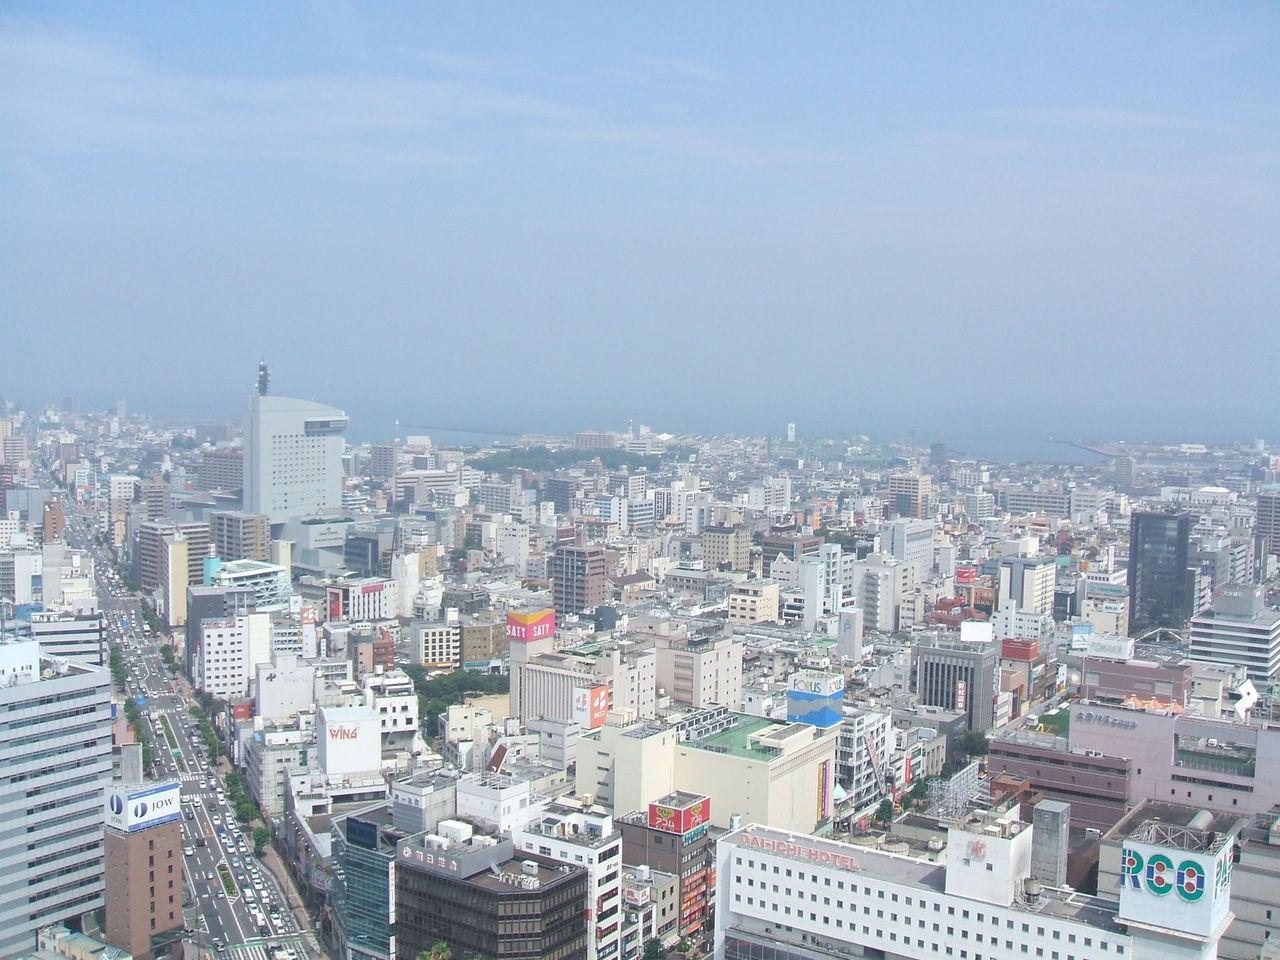 日本のオワコン都市←どこ想像した?